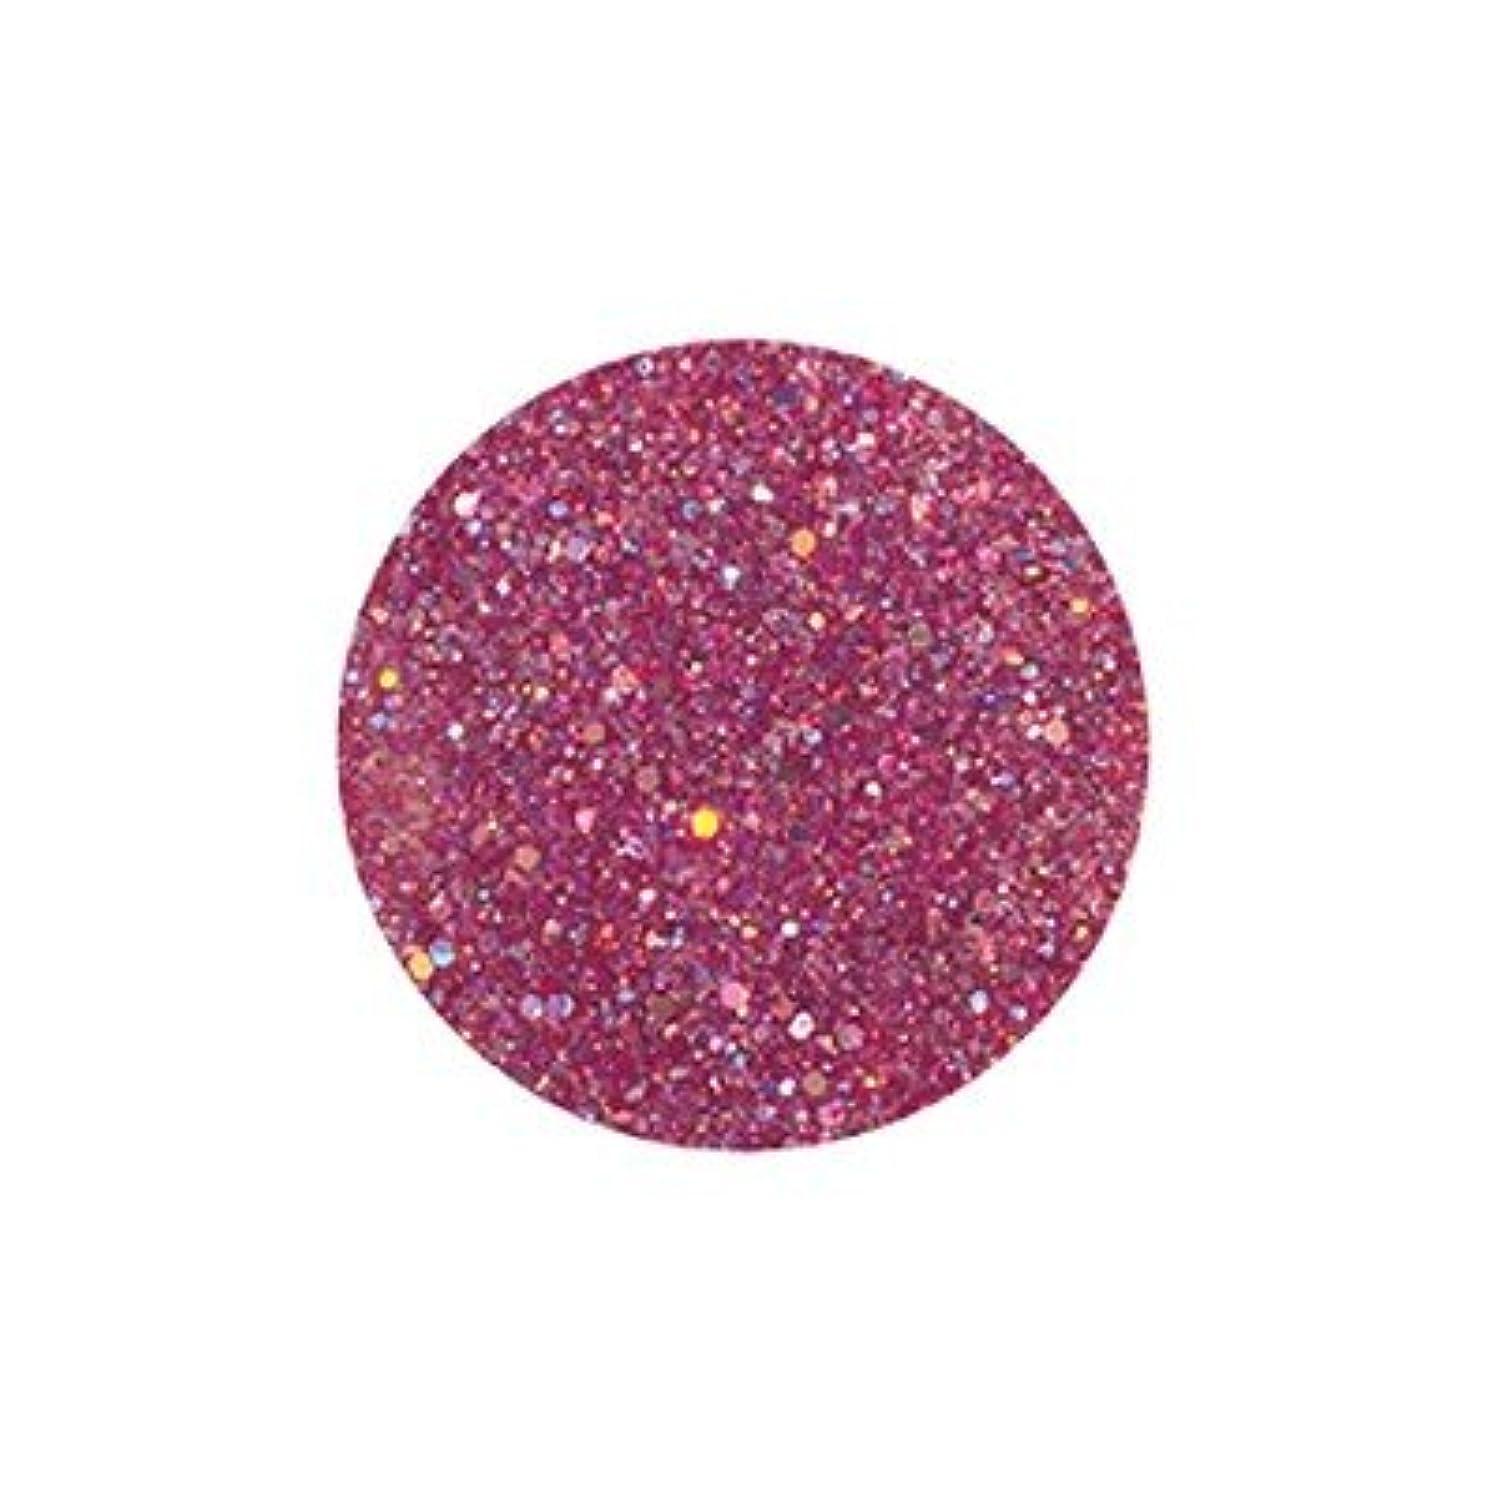 優先聖なる部屋を掃除するFANTASY NAIL ダイヤモンドコレクション 3g 4259XS カラーパウダー アート材